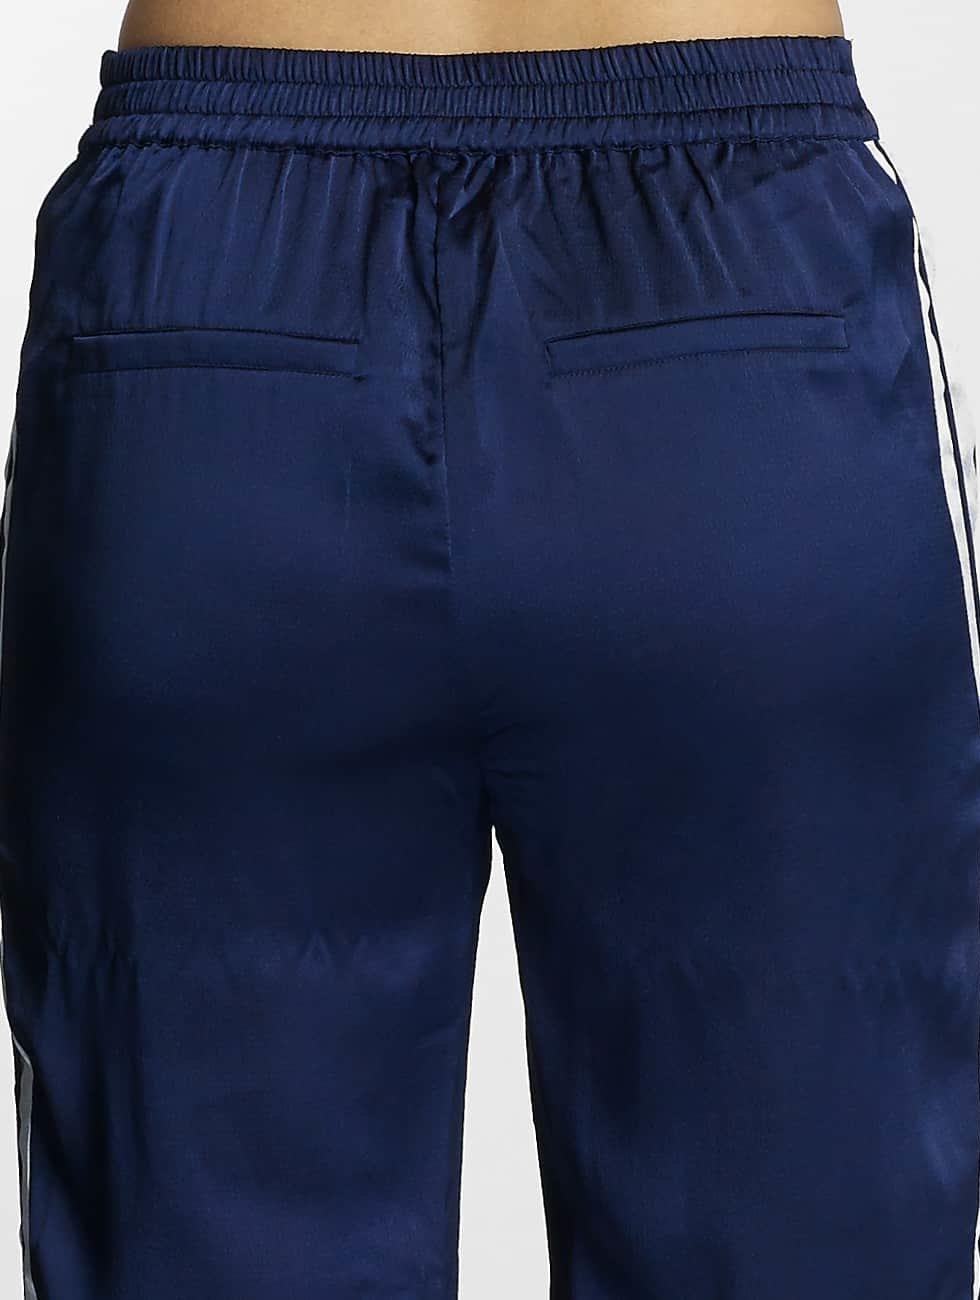 Pieces Pantalon chino pcEVE bleu